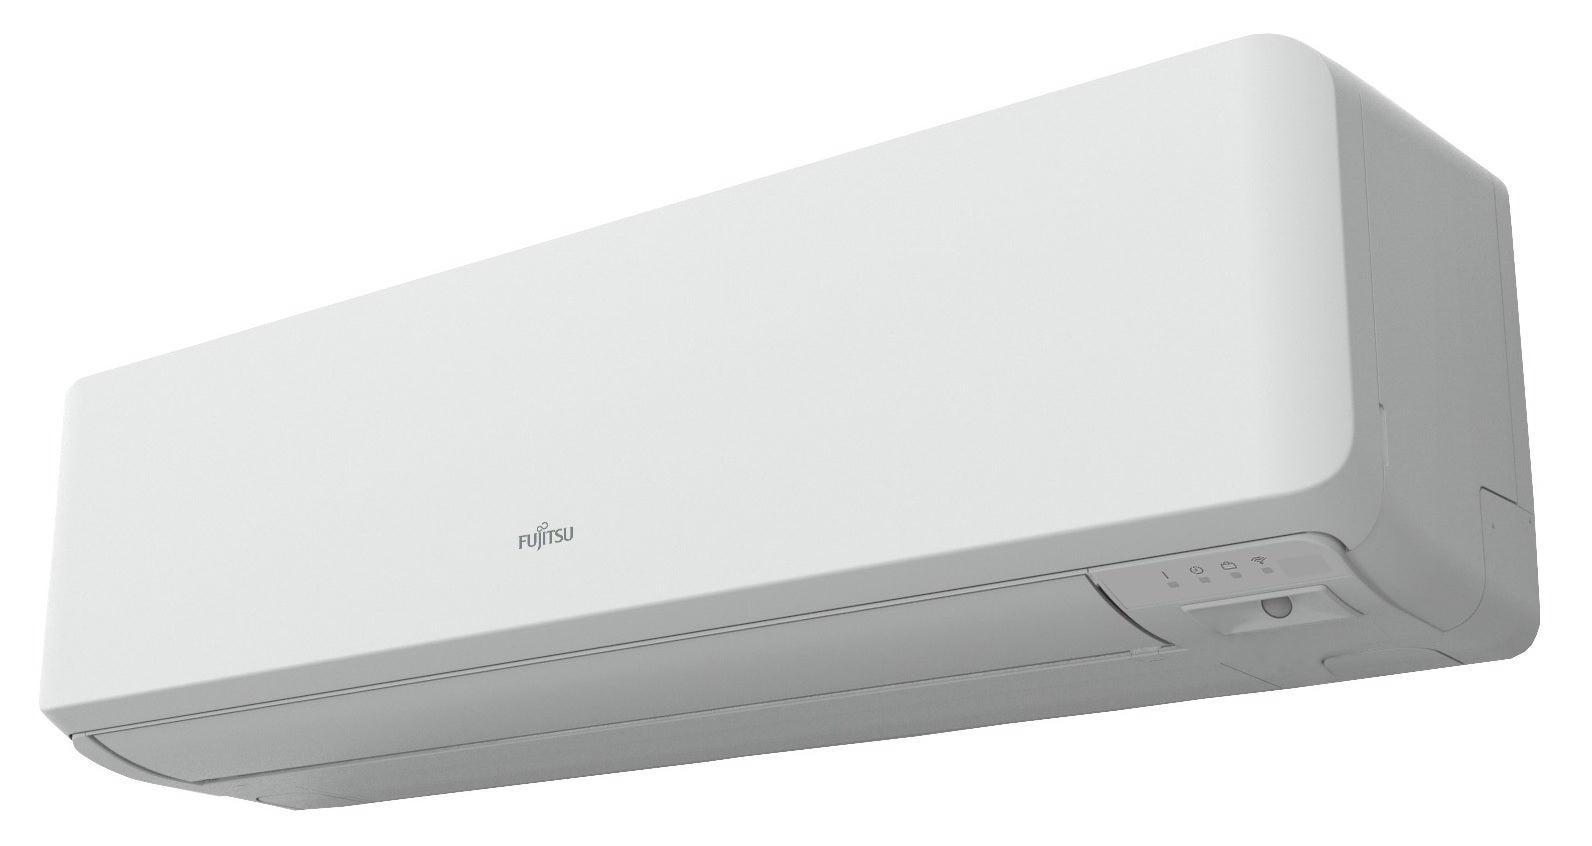 Fujitsu ASTG24KMTC Air Conditioner